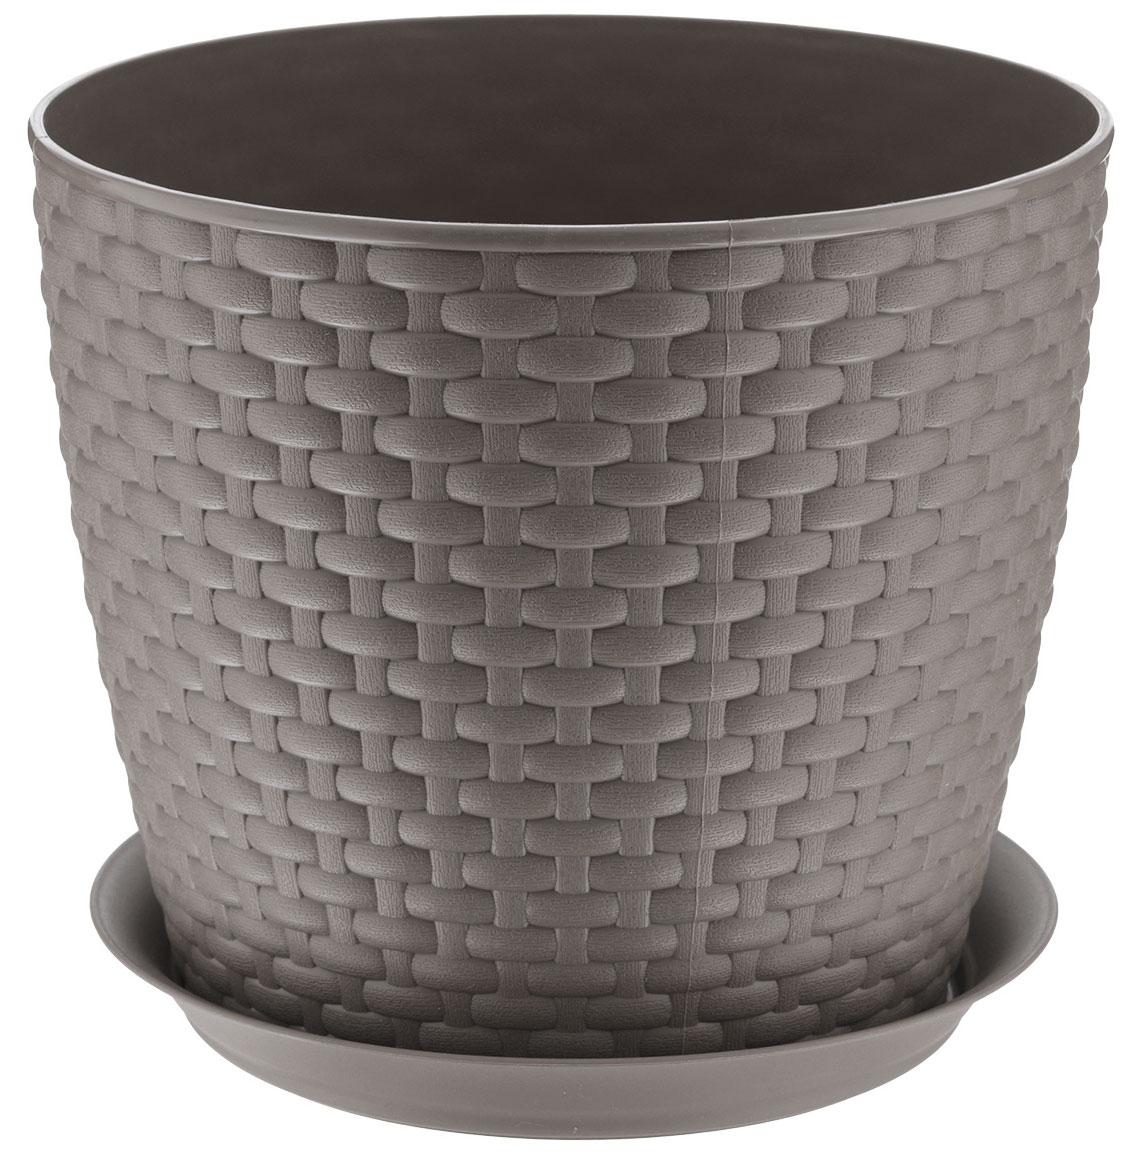 Кашпо Idea Ротанг, с поддоном, цвет: коричневый, 4,7 лZ-0307Кашпо Idea Ротанг изготовлено из высококачественного пластика. Специальный поддон предназначен для стока воды. Изделие прекрасно подходит для выращивания растений и цветов в домашних условиях. Лаконичный дизайн впишется в интерьер любого помещения. Диаметр поддона: 19,5 см. Объем кашпо: 4,7 л.Диаметр кашпо по верхнему краю: 21 см.Высота кашпо: 18 см.